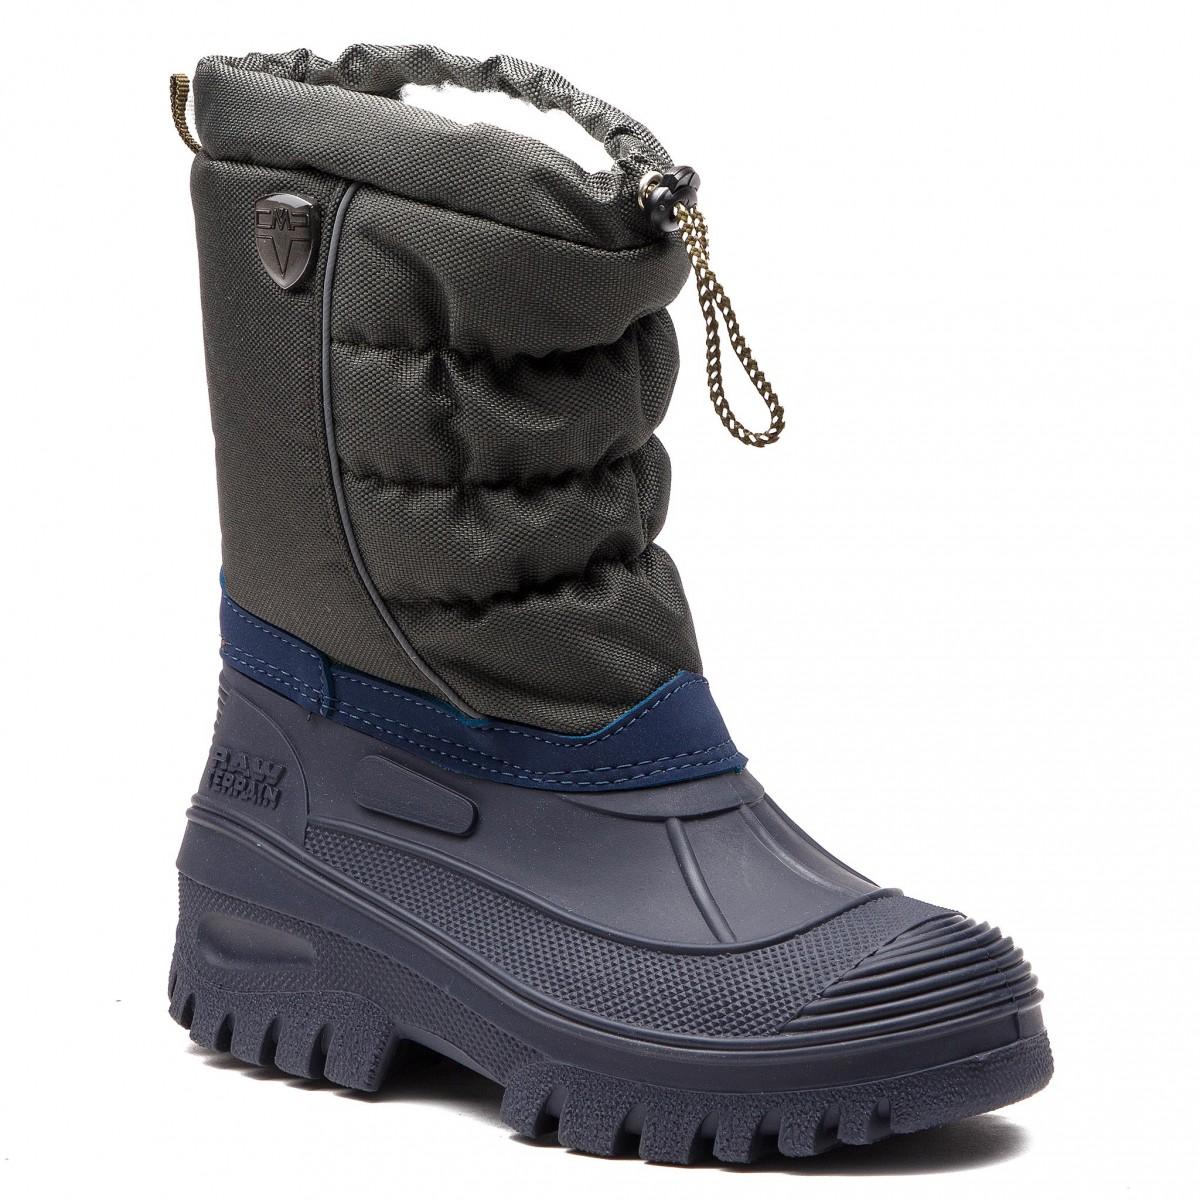 scarpe sportive 100% di alta qualità prezzo accessibile Acquista CMP Hanki Kids Scarpe Neve Bambino Nero online Mancini Store